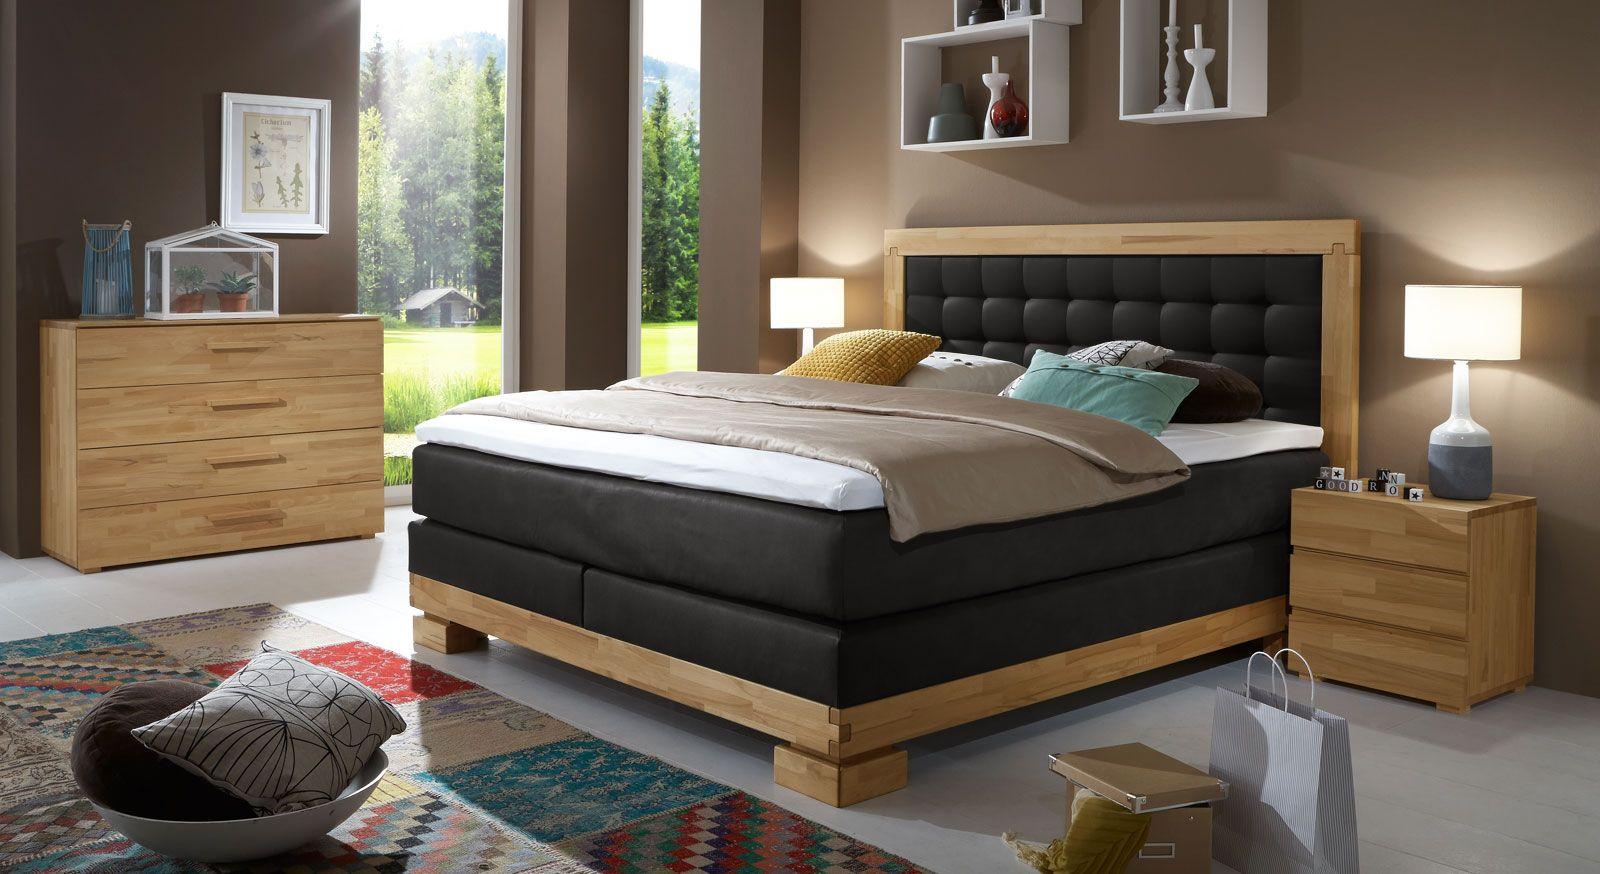 Billig schlafzimmer komplett günstig mit boxspringbett | Deutsche ...